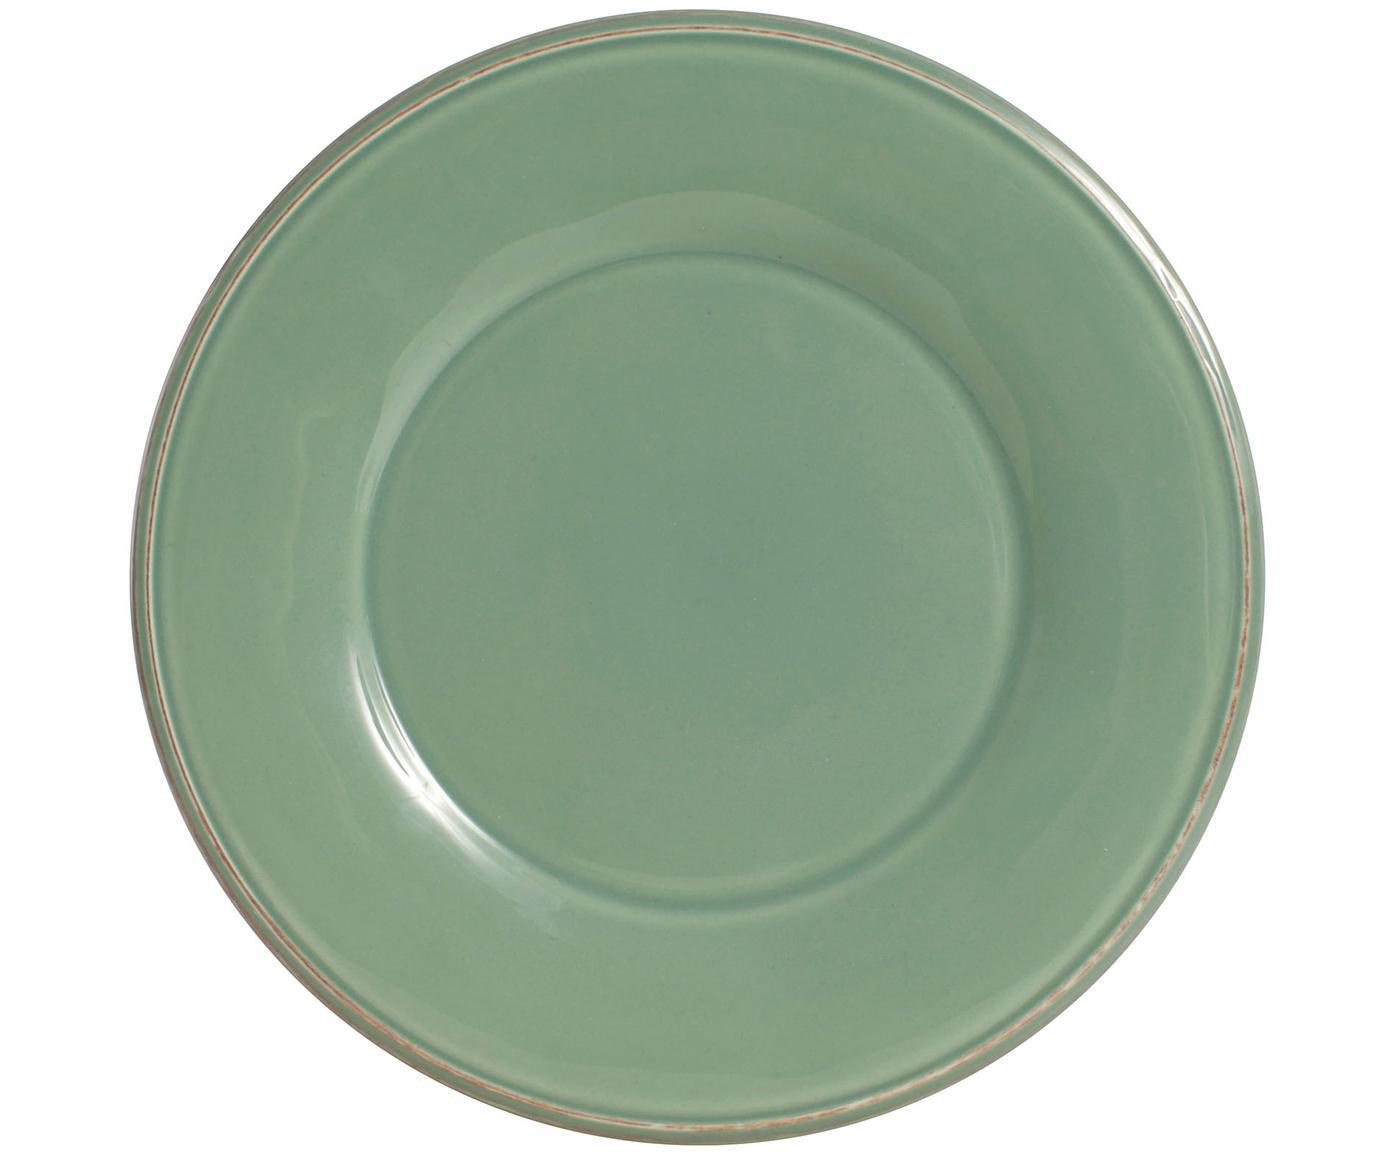 Ontbijtbord Constance in saliegroen, 2 stuks, Keramiek, Saliegroen, Ø 24 cm